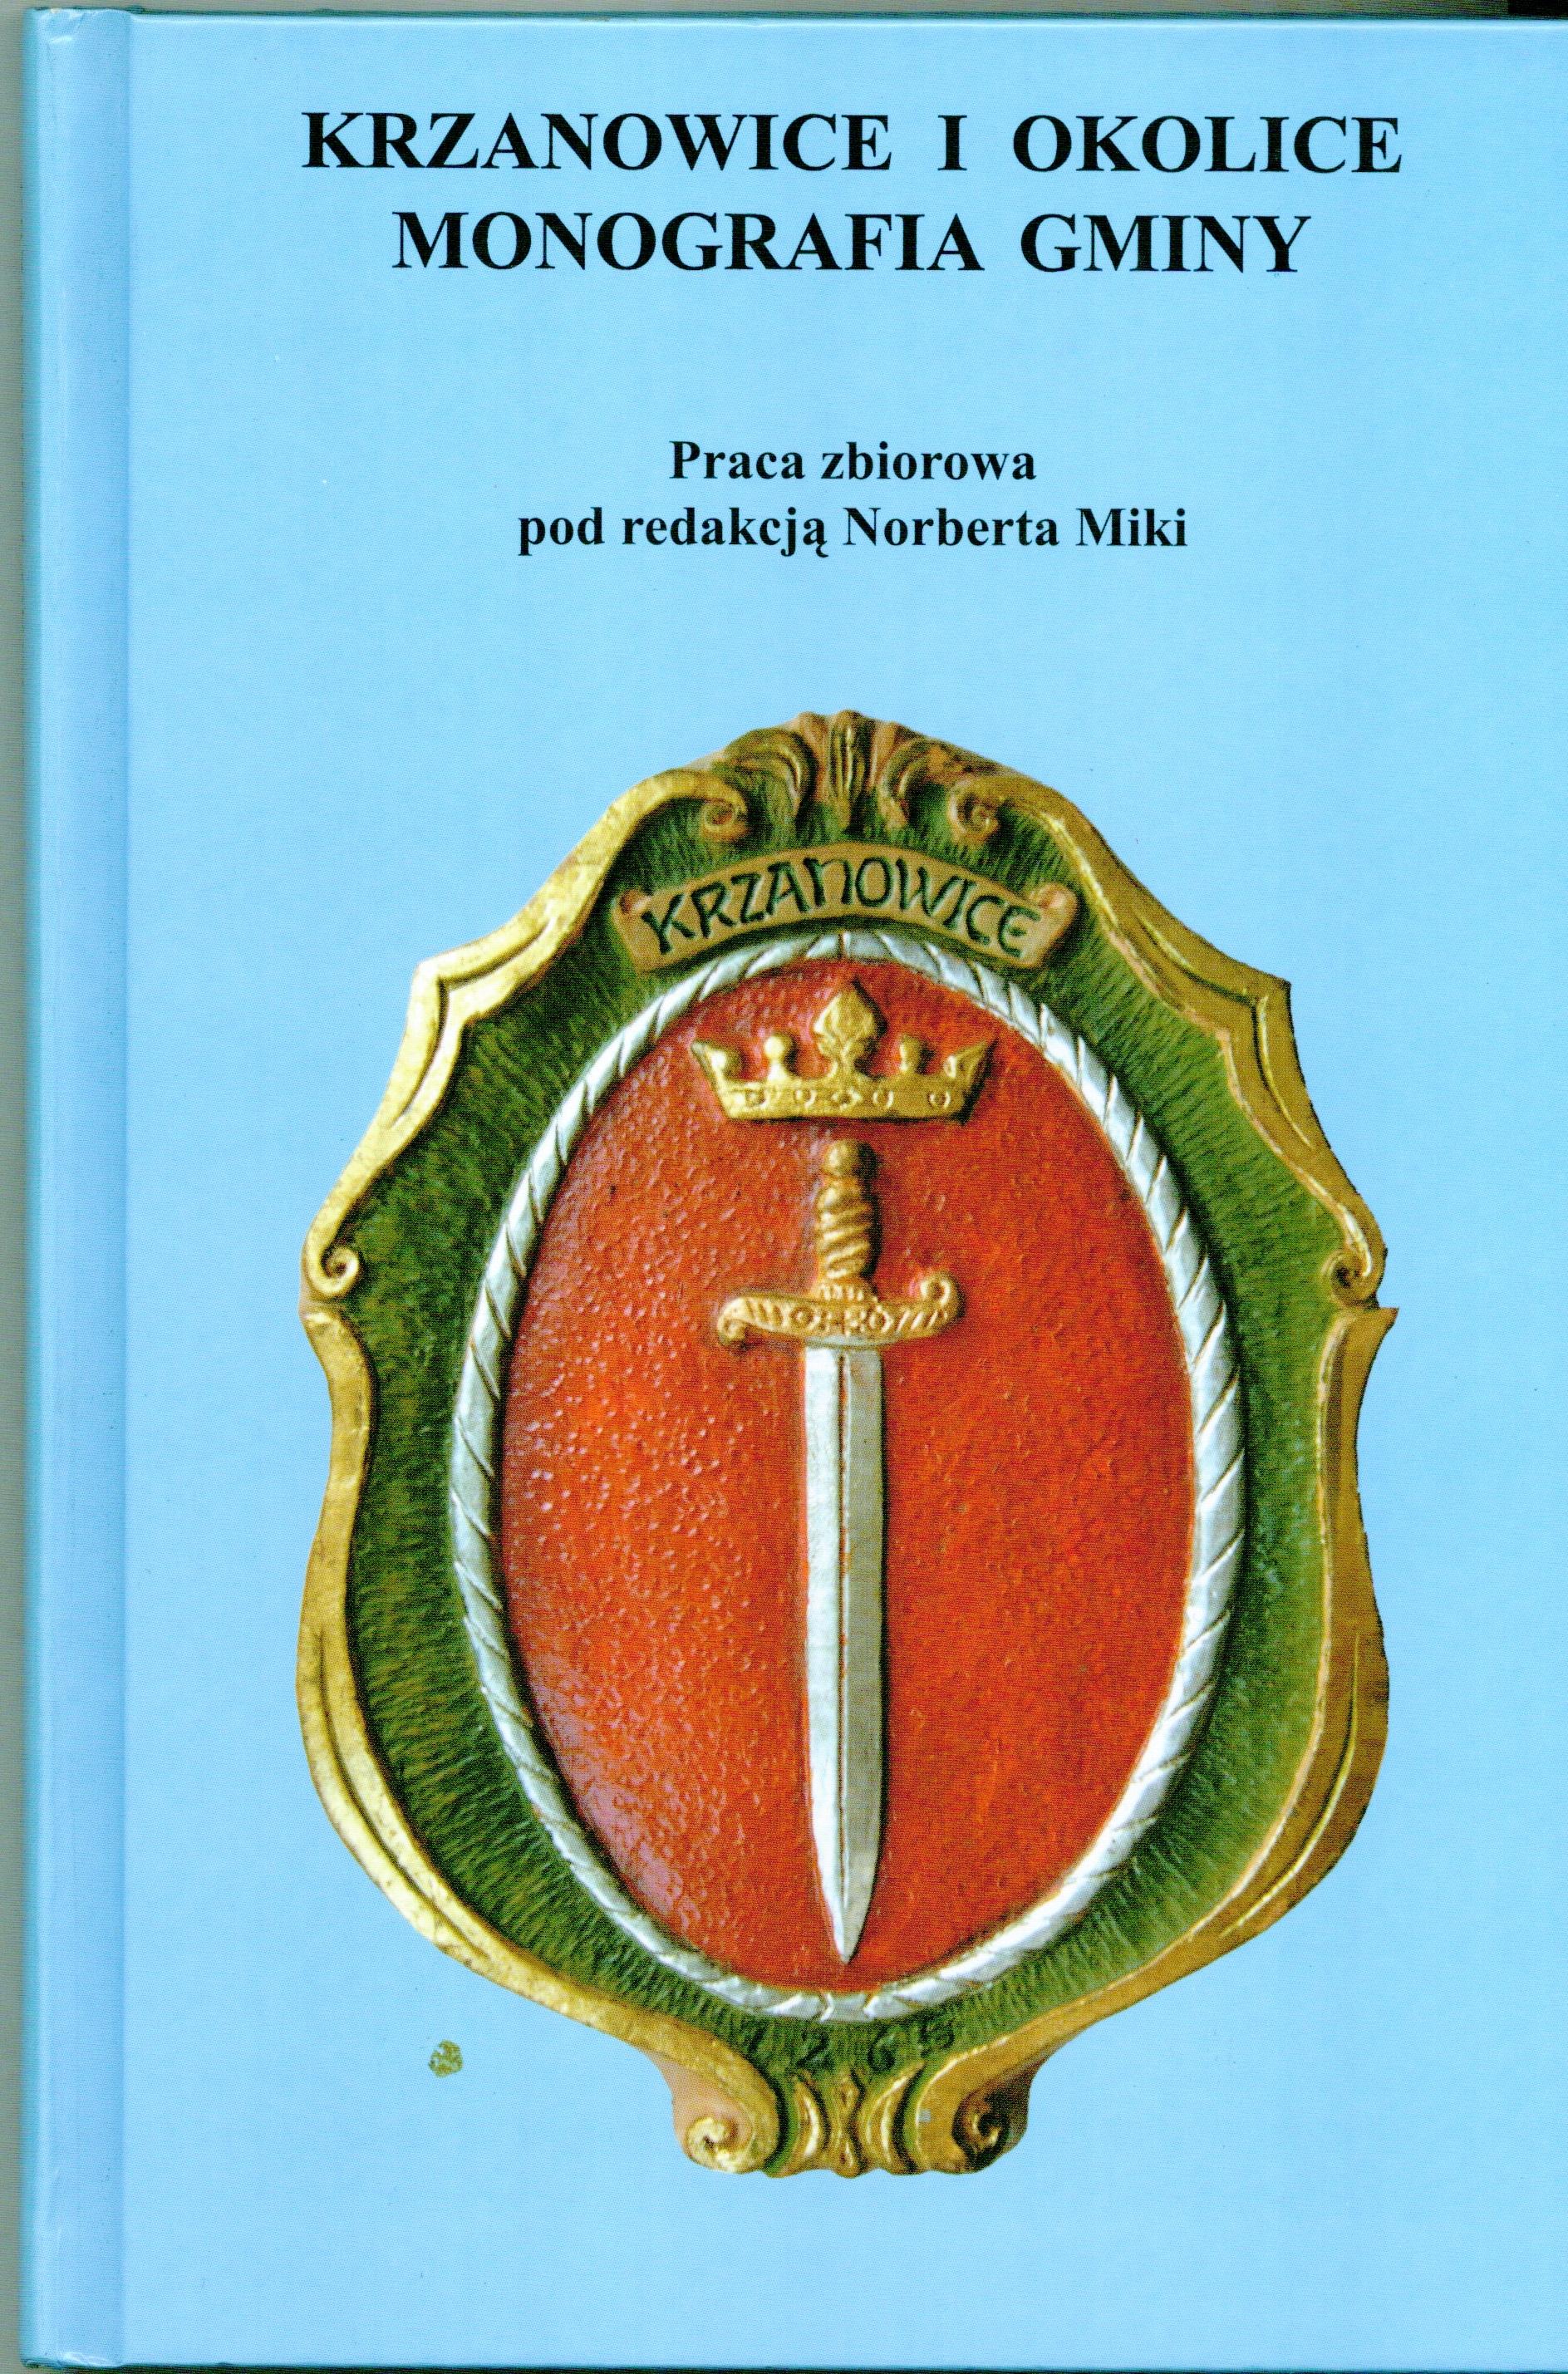 Krzanowice i okolice. Monografia gminy